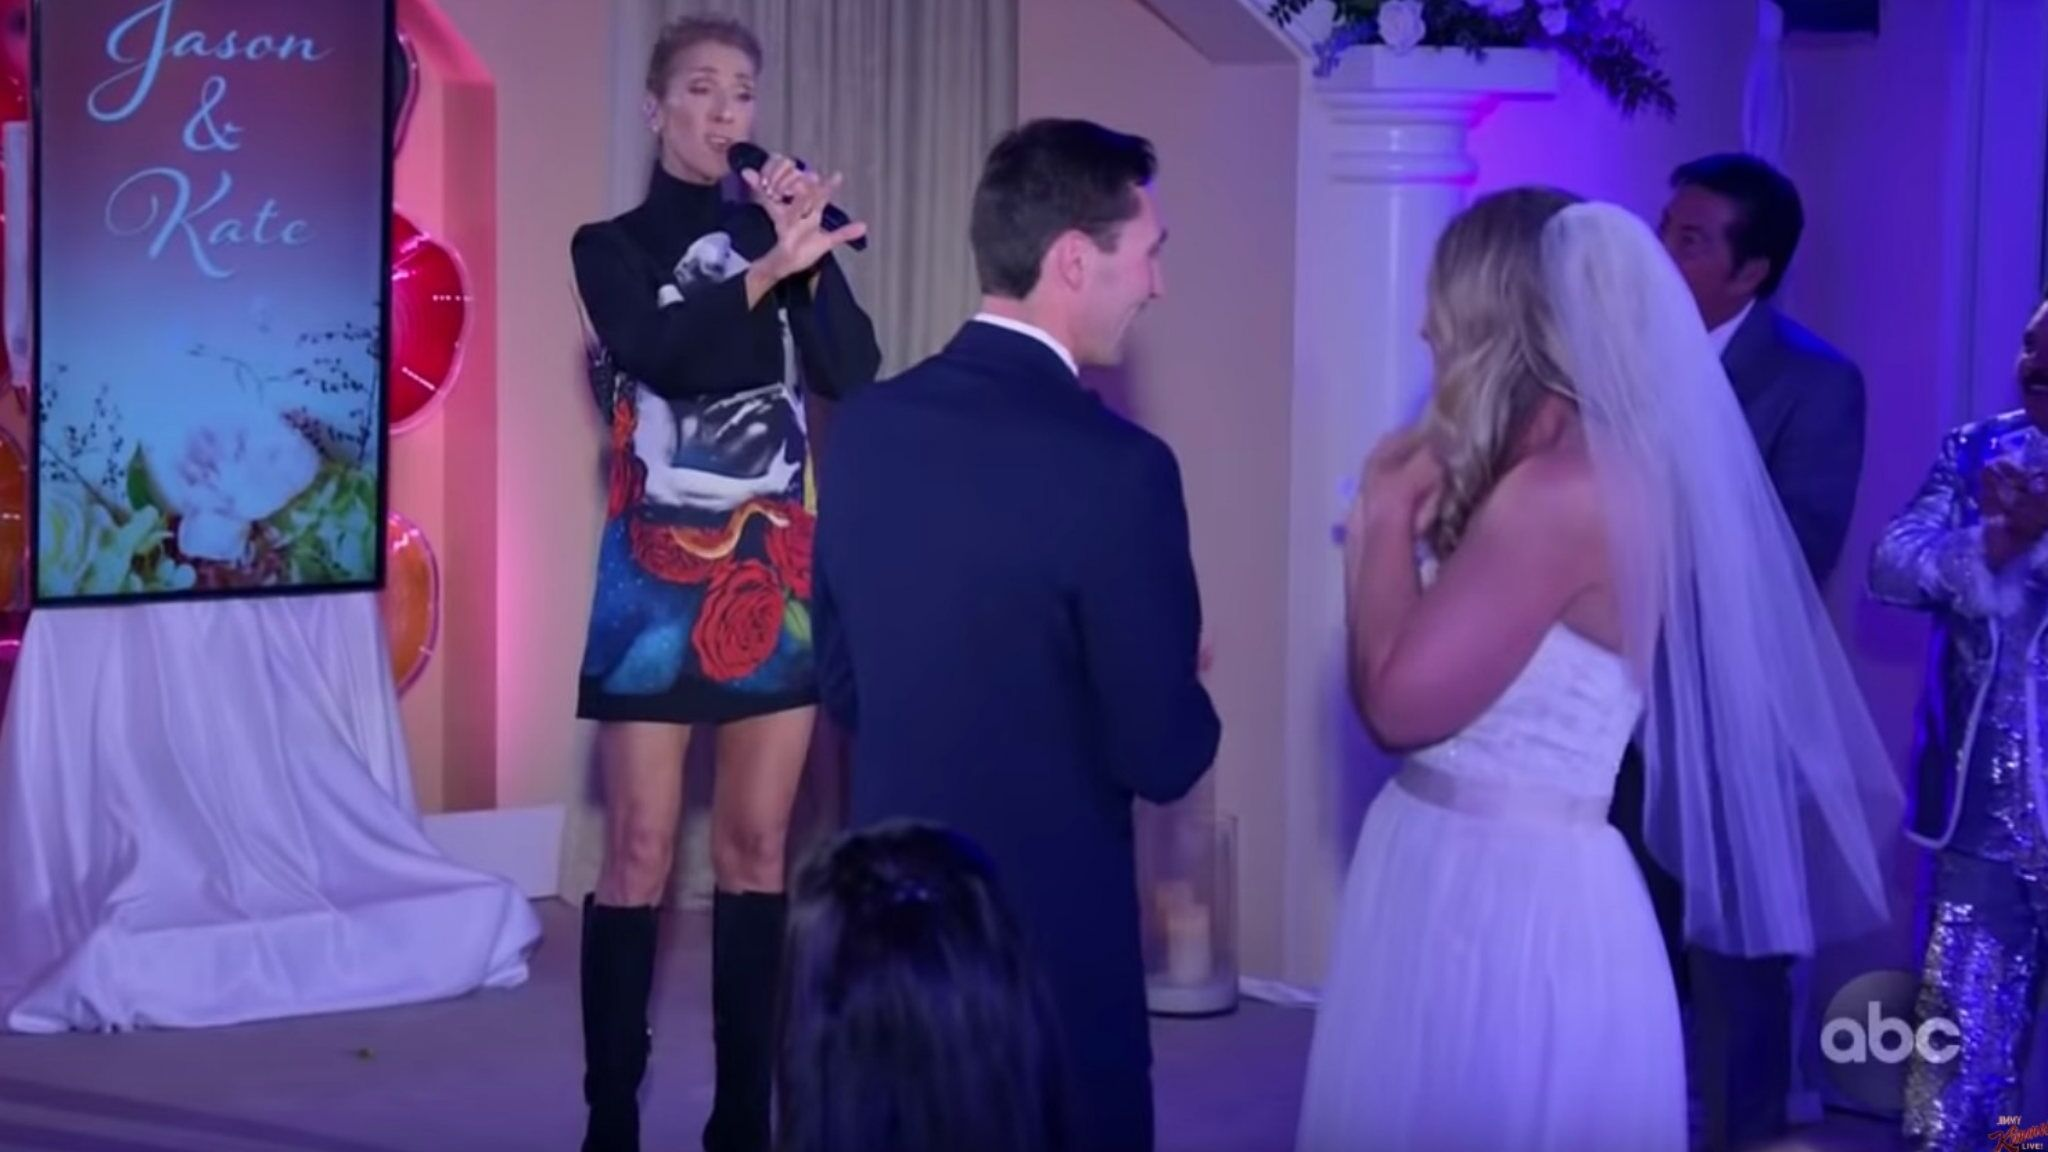 Céline Dion s\u0027invite par surprise à un mariage à Las Vegas